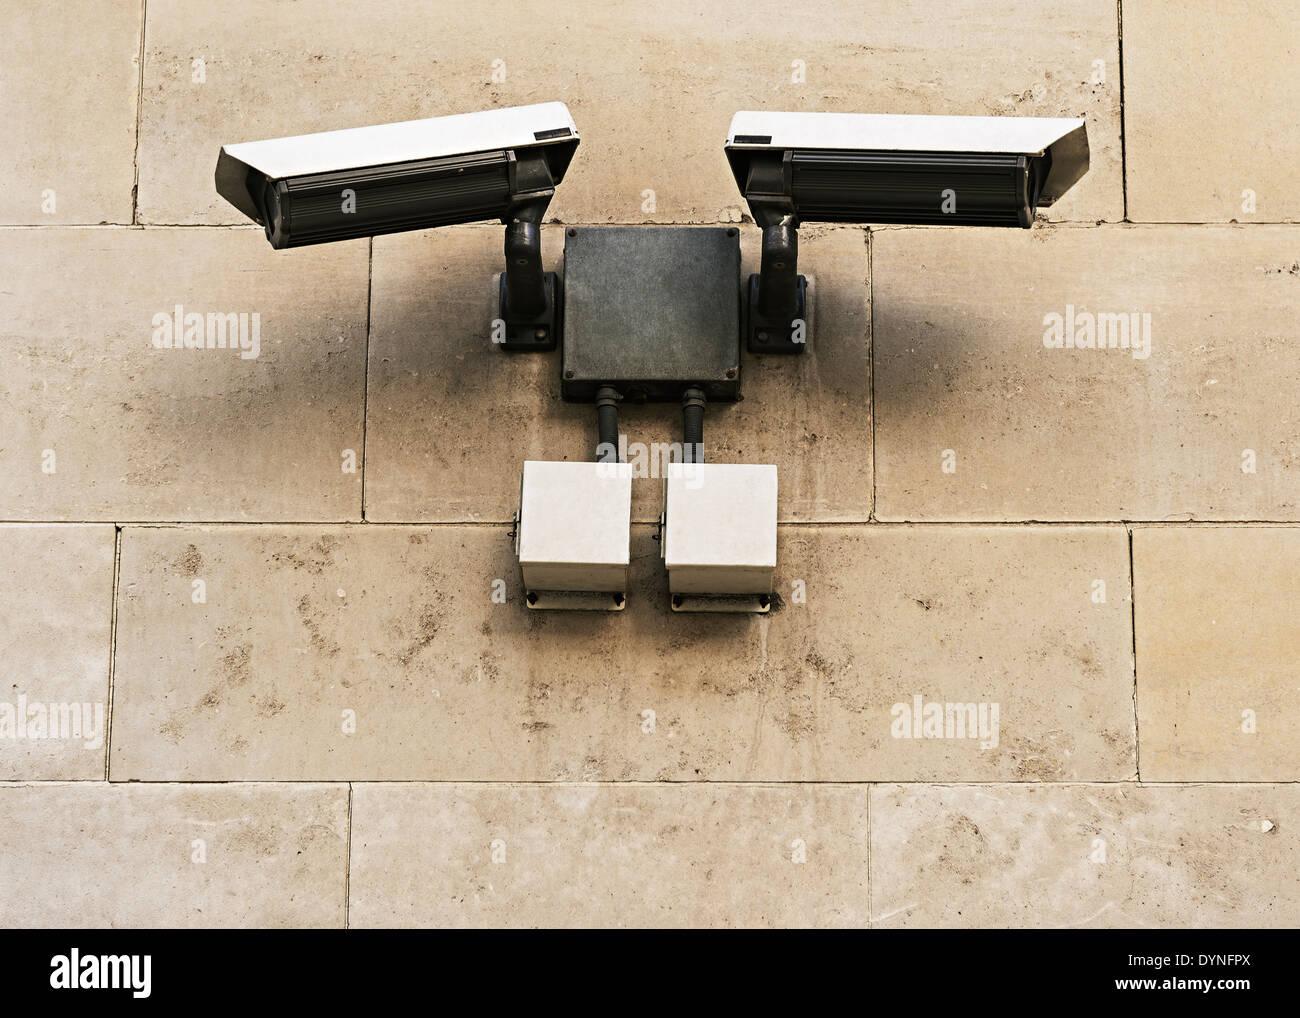 Caméras de sécurité CCTV monté sur un mur, Londres, Royaume-Uni. Photo Stock